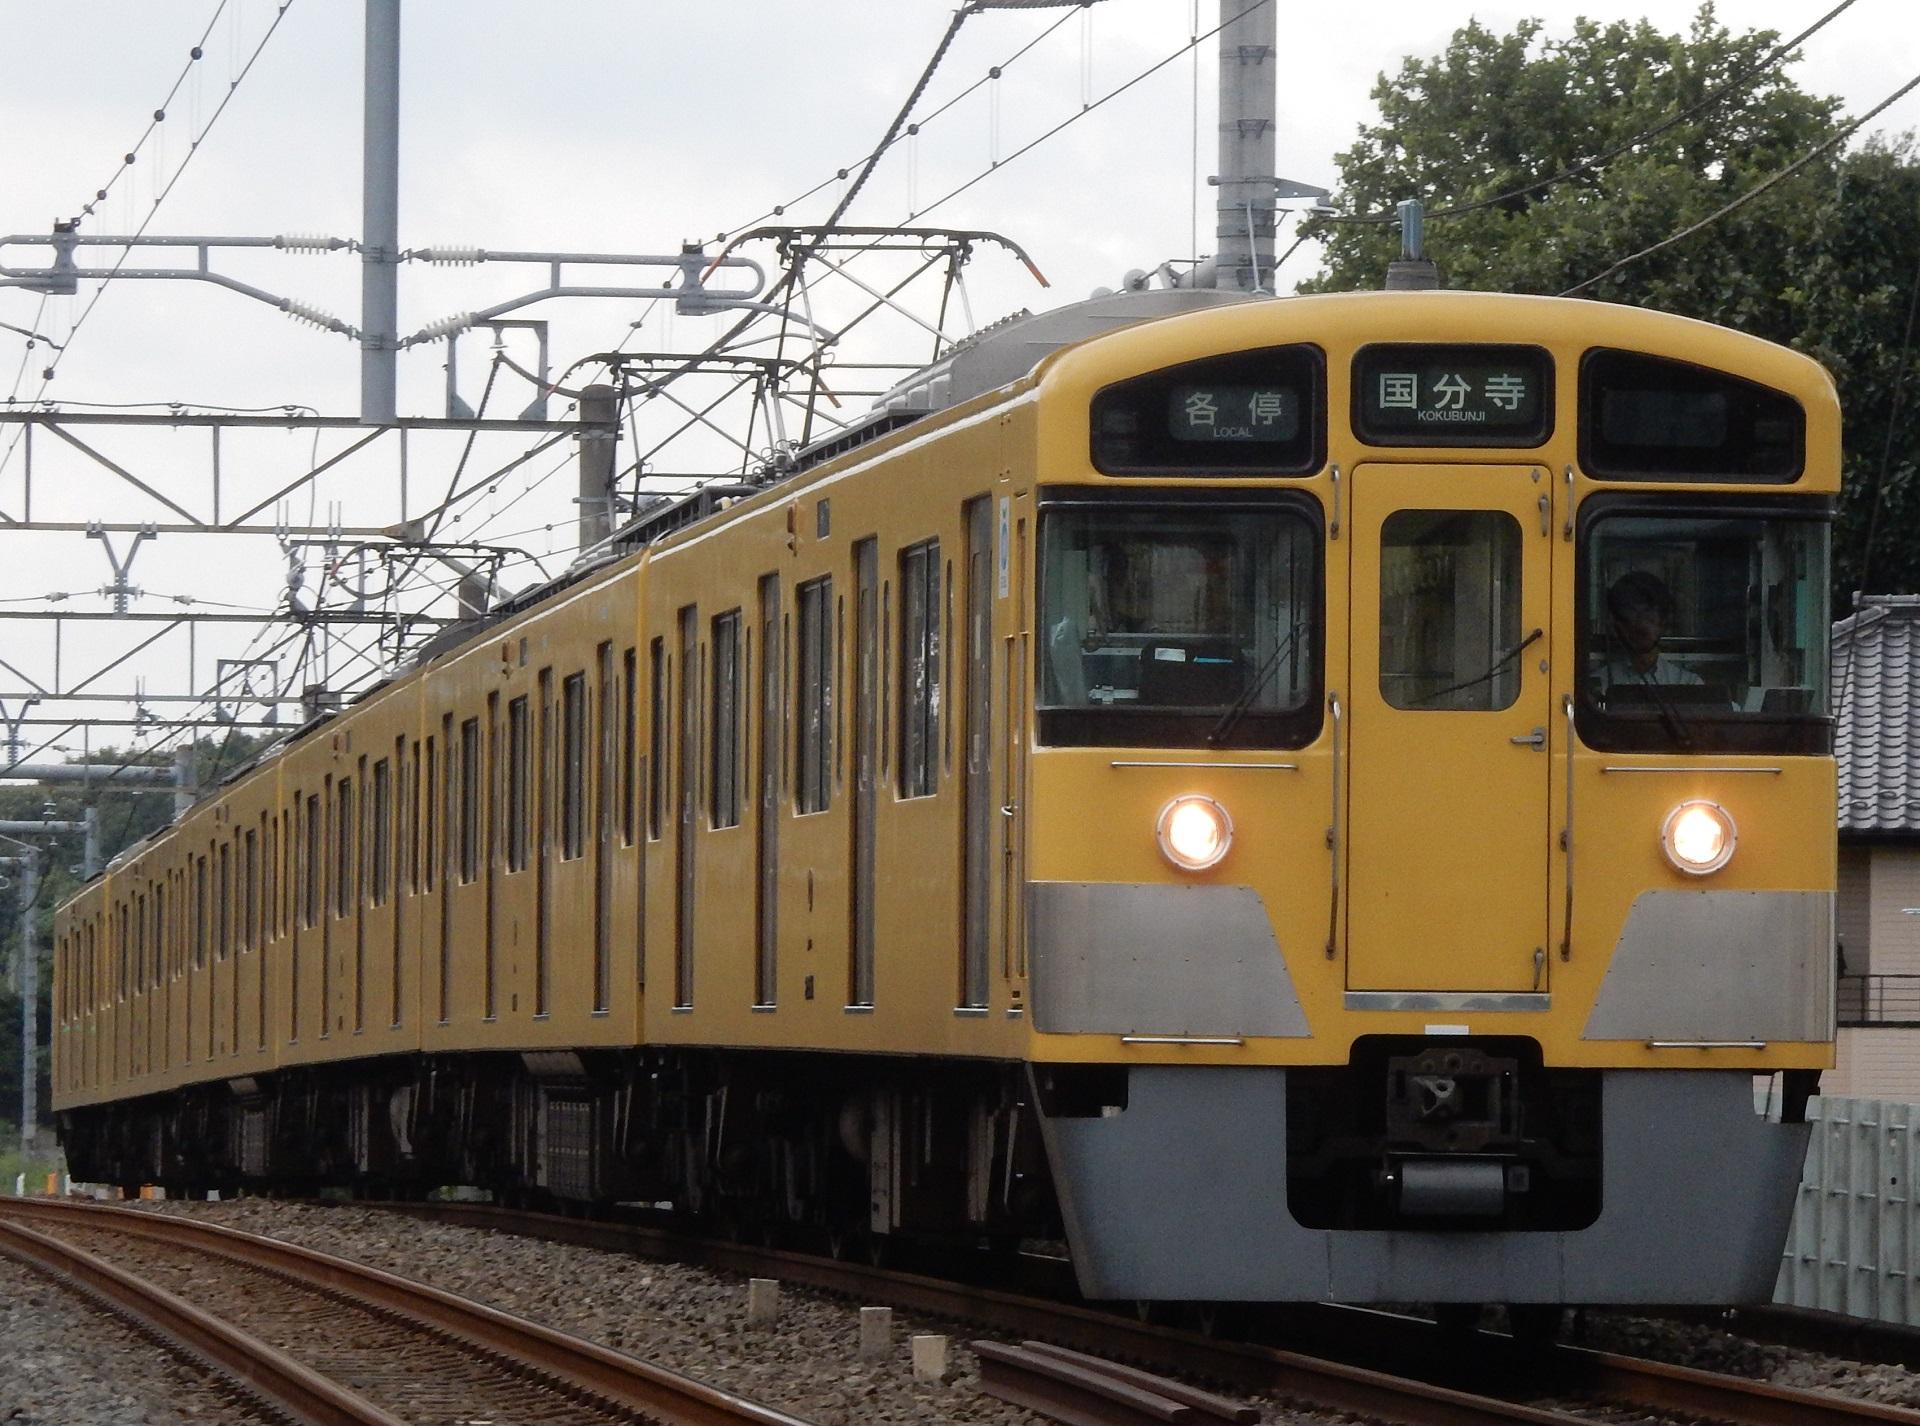 DSCN4666 - コピー